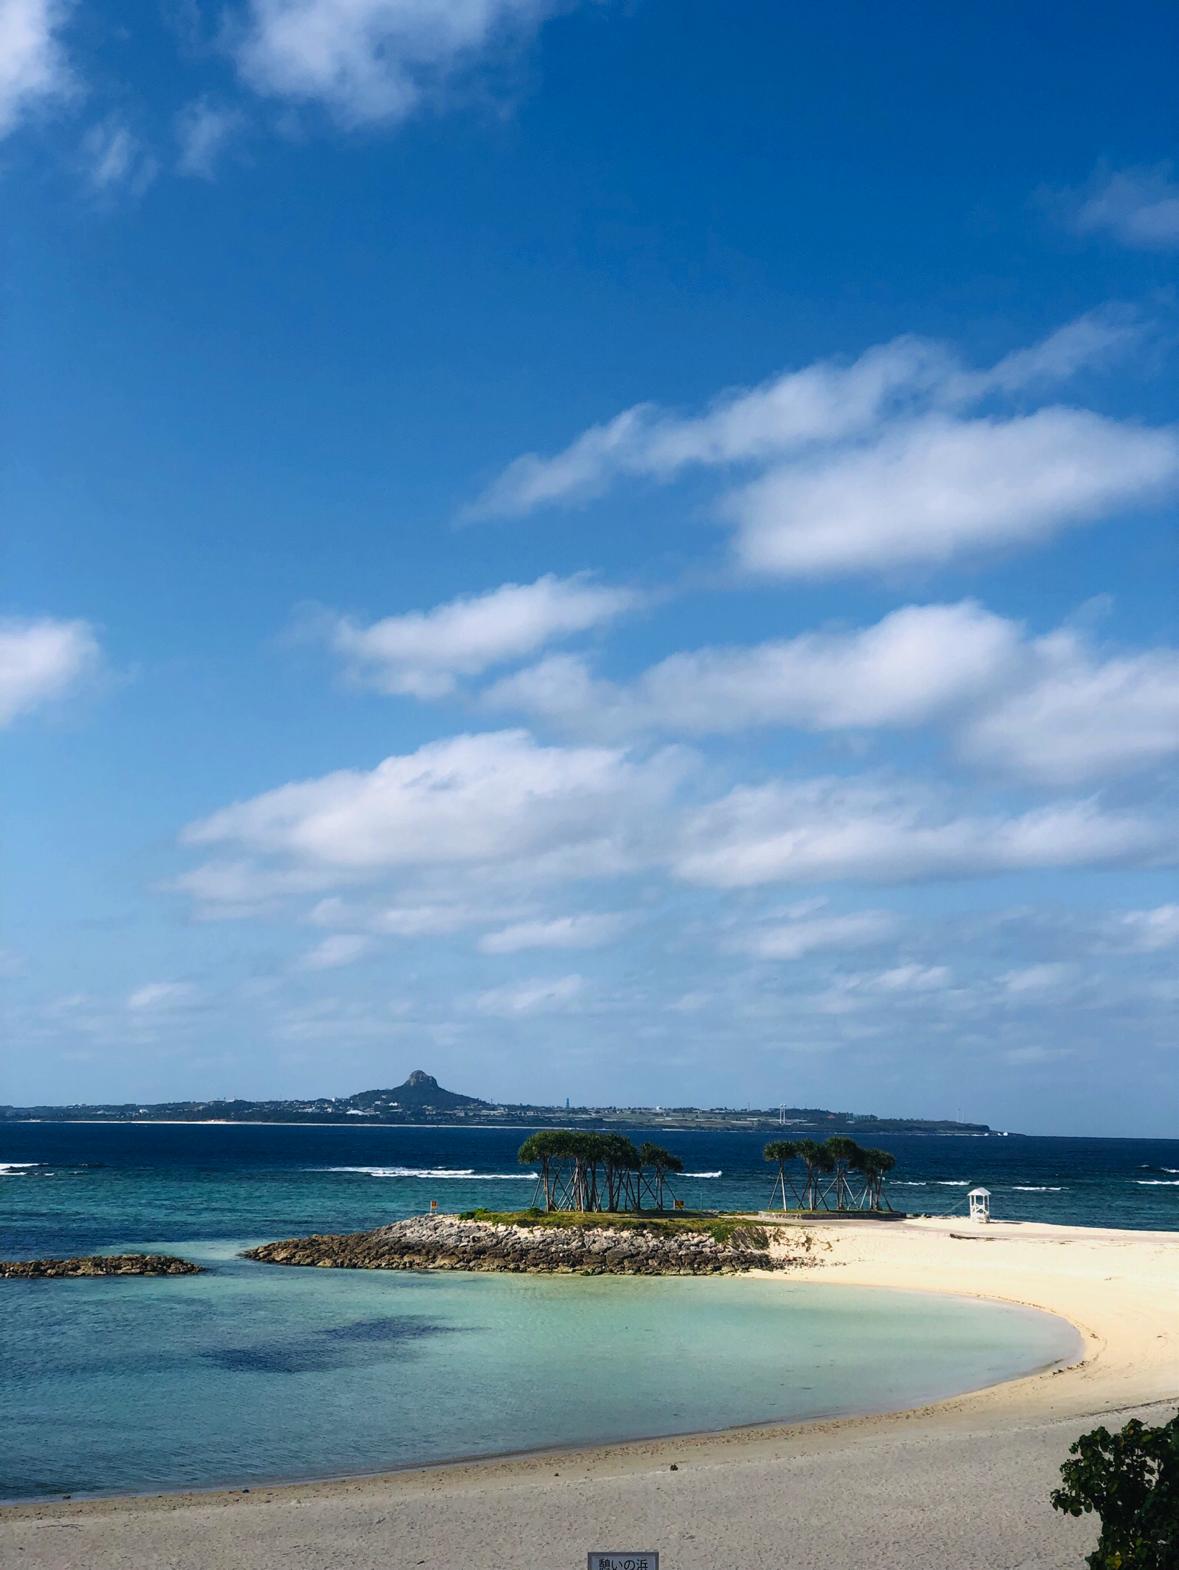 エメラルドビーチと伊江島タッチュー